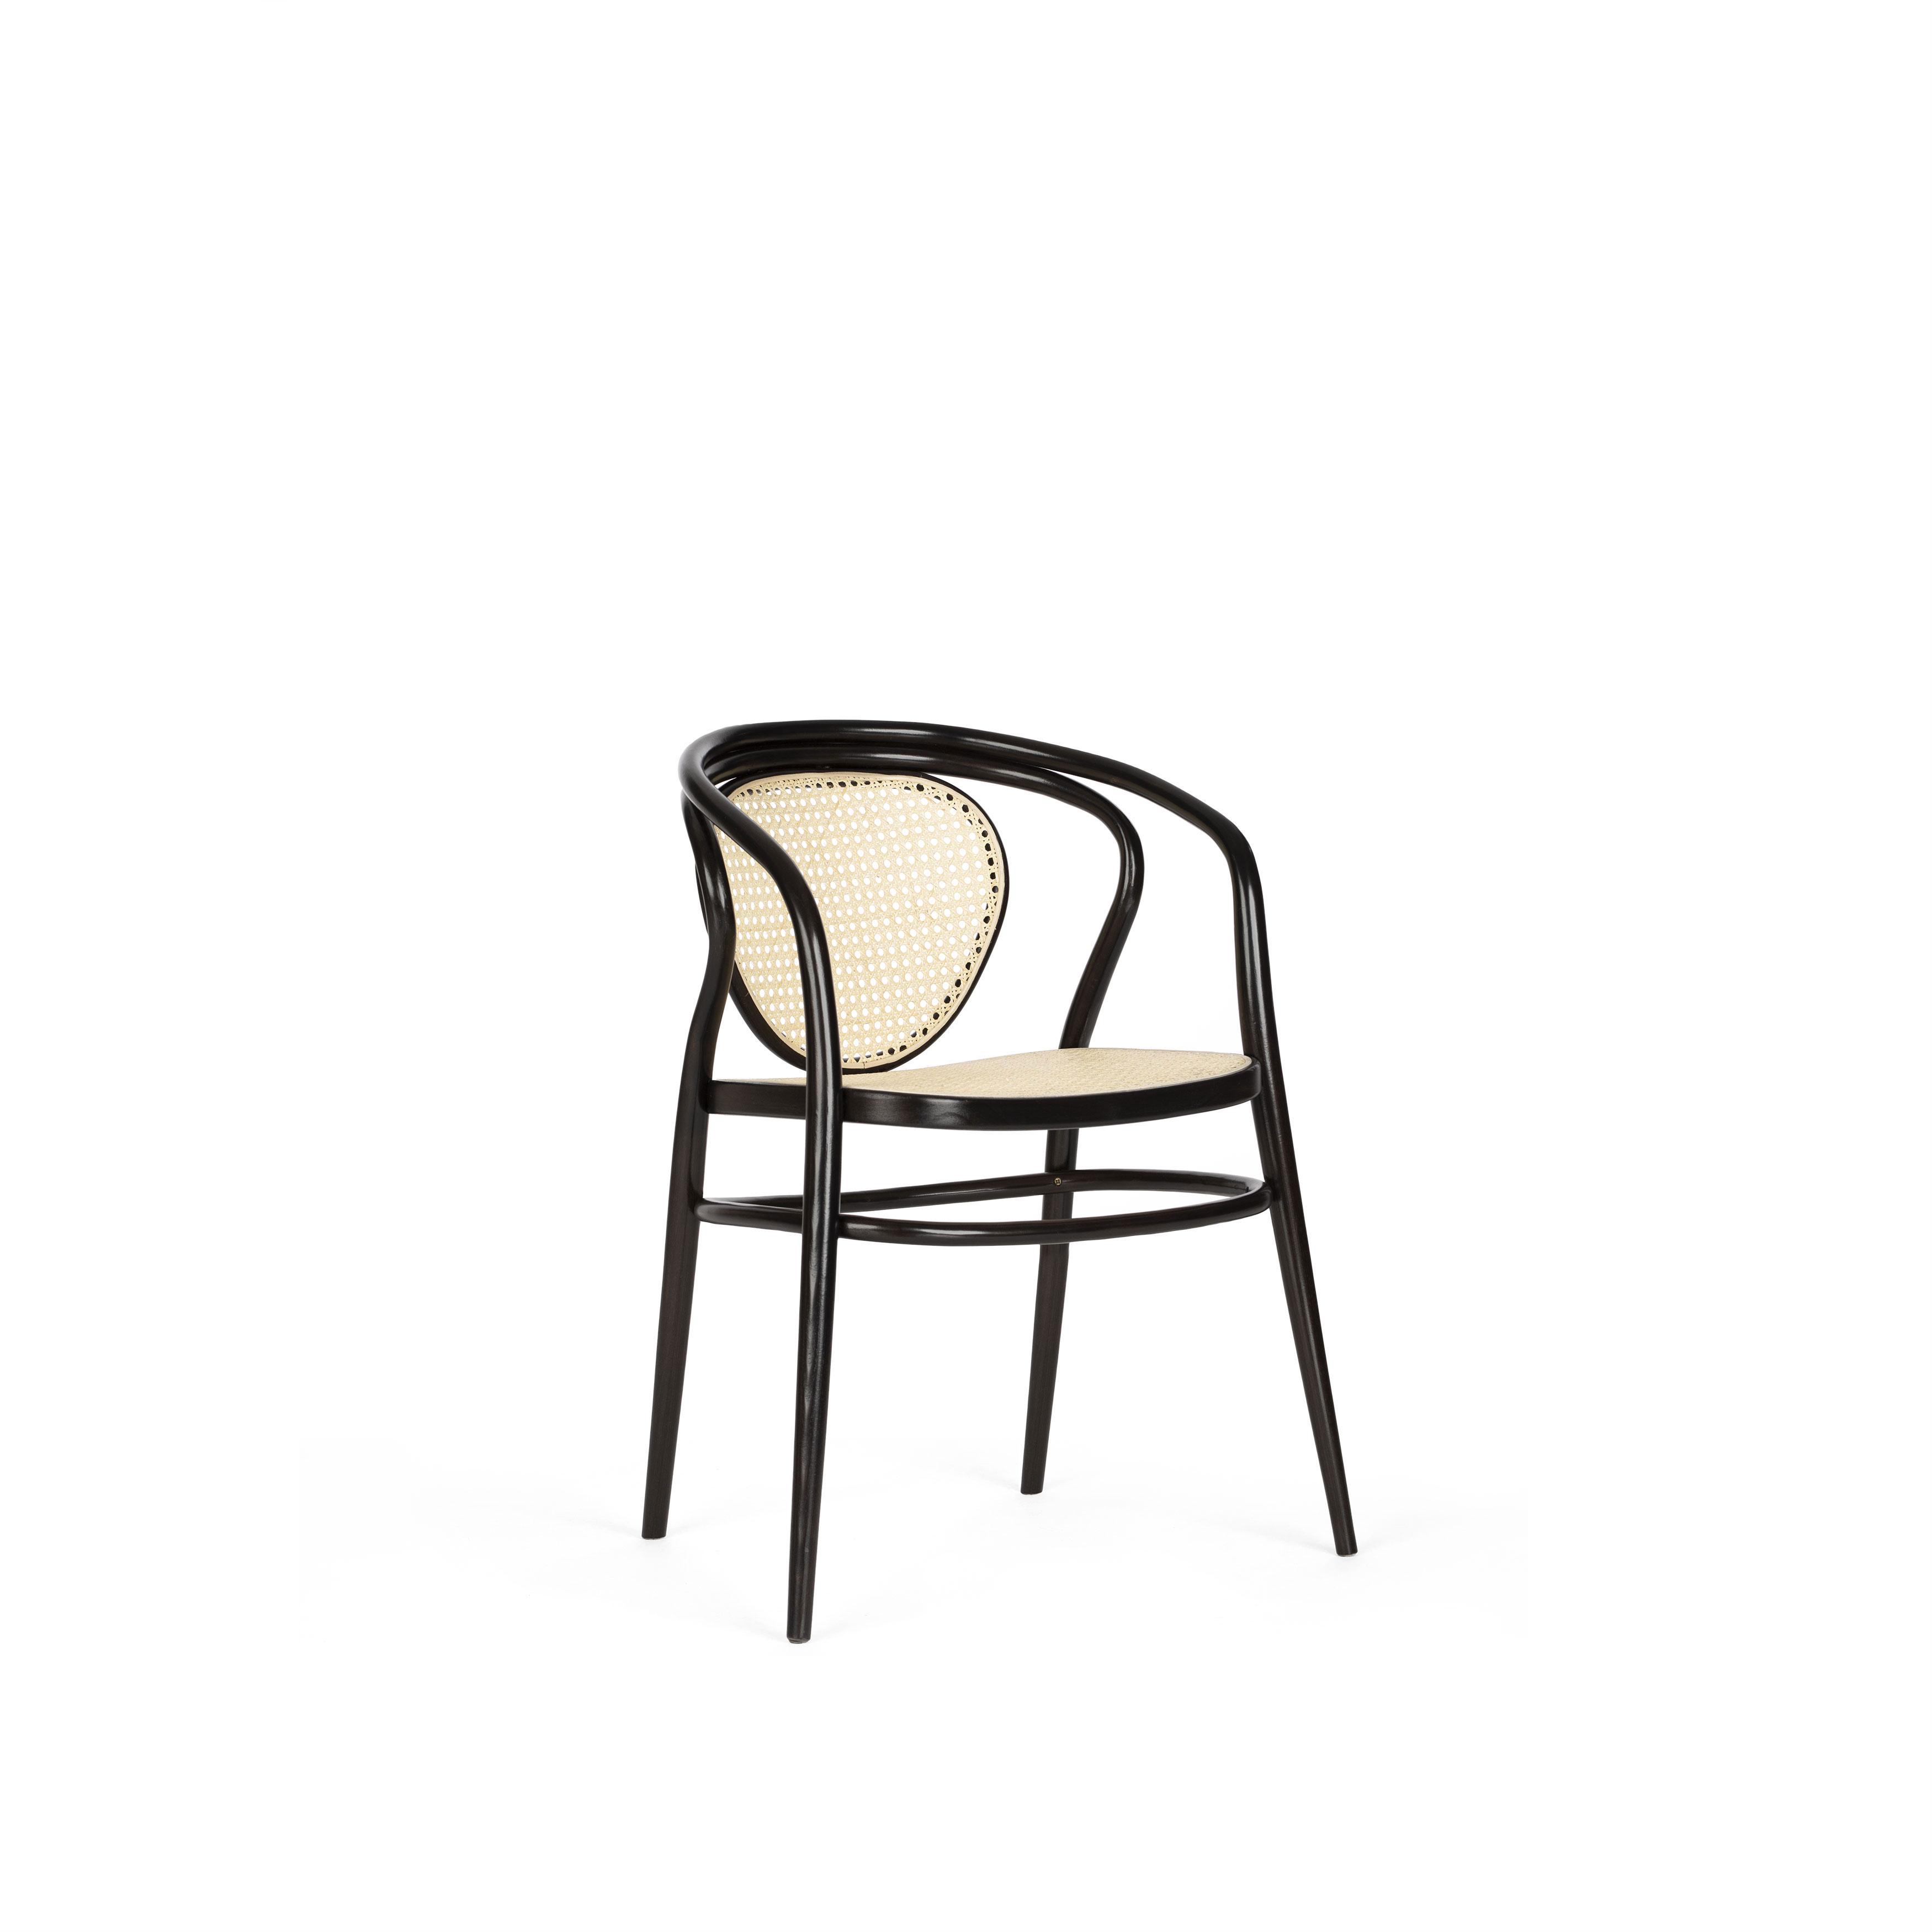 Paged krzesło NODO B-1400